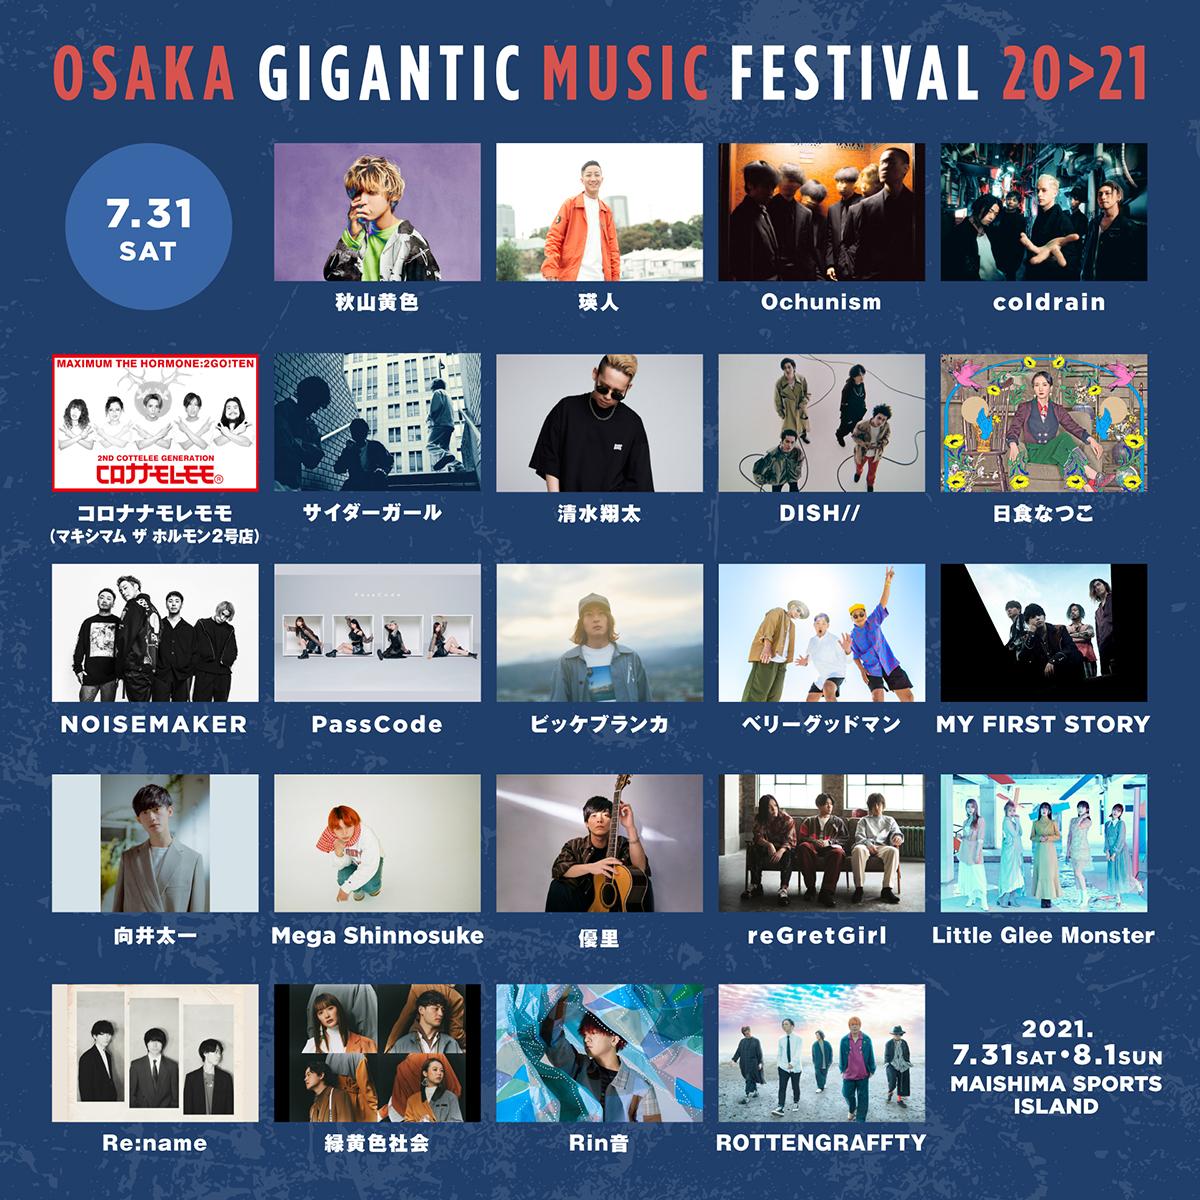 「OSAKA GIGANTIC MUSIC FESTIVAL 20>21